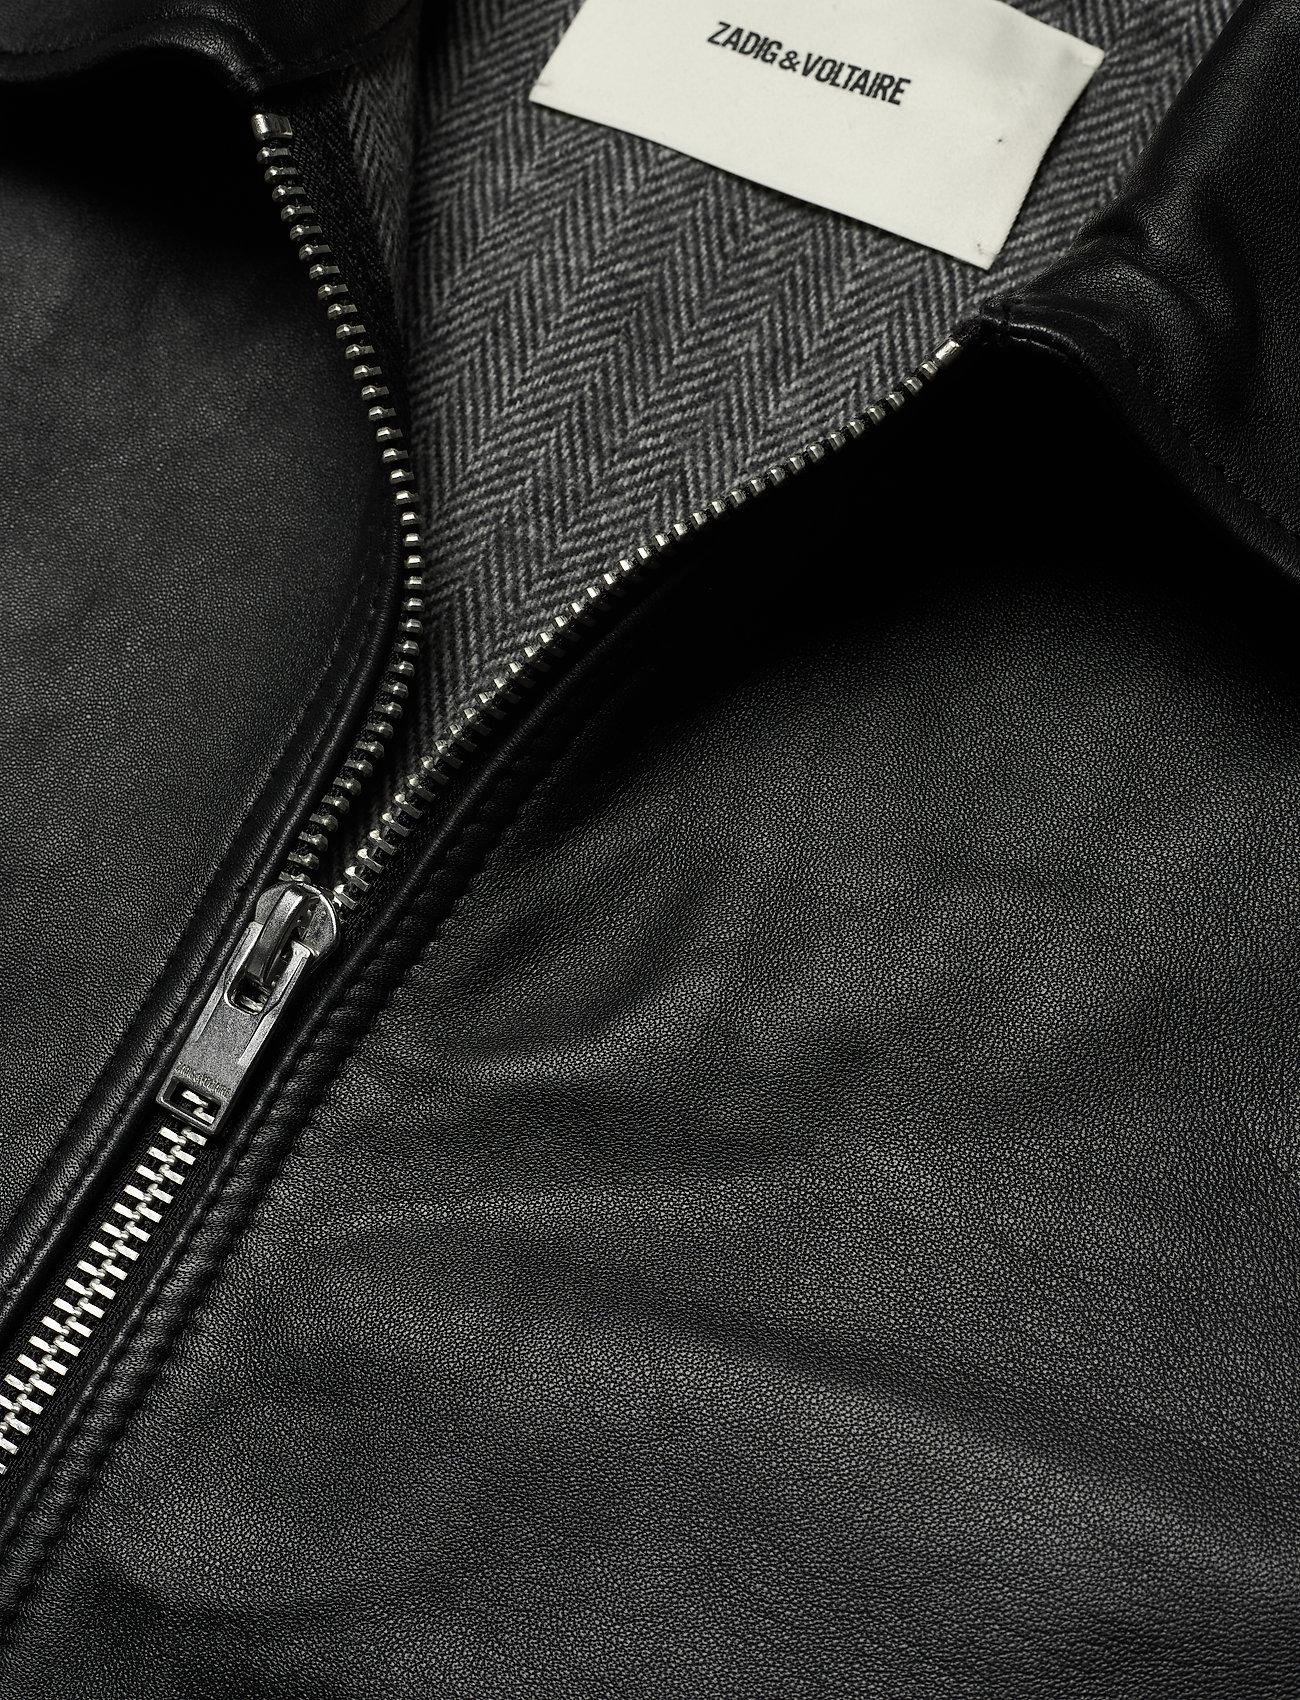 Zadig & Voltaire - LUK BONDED LEATHER JACKET - læderjakker - black - 3